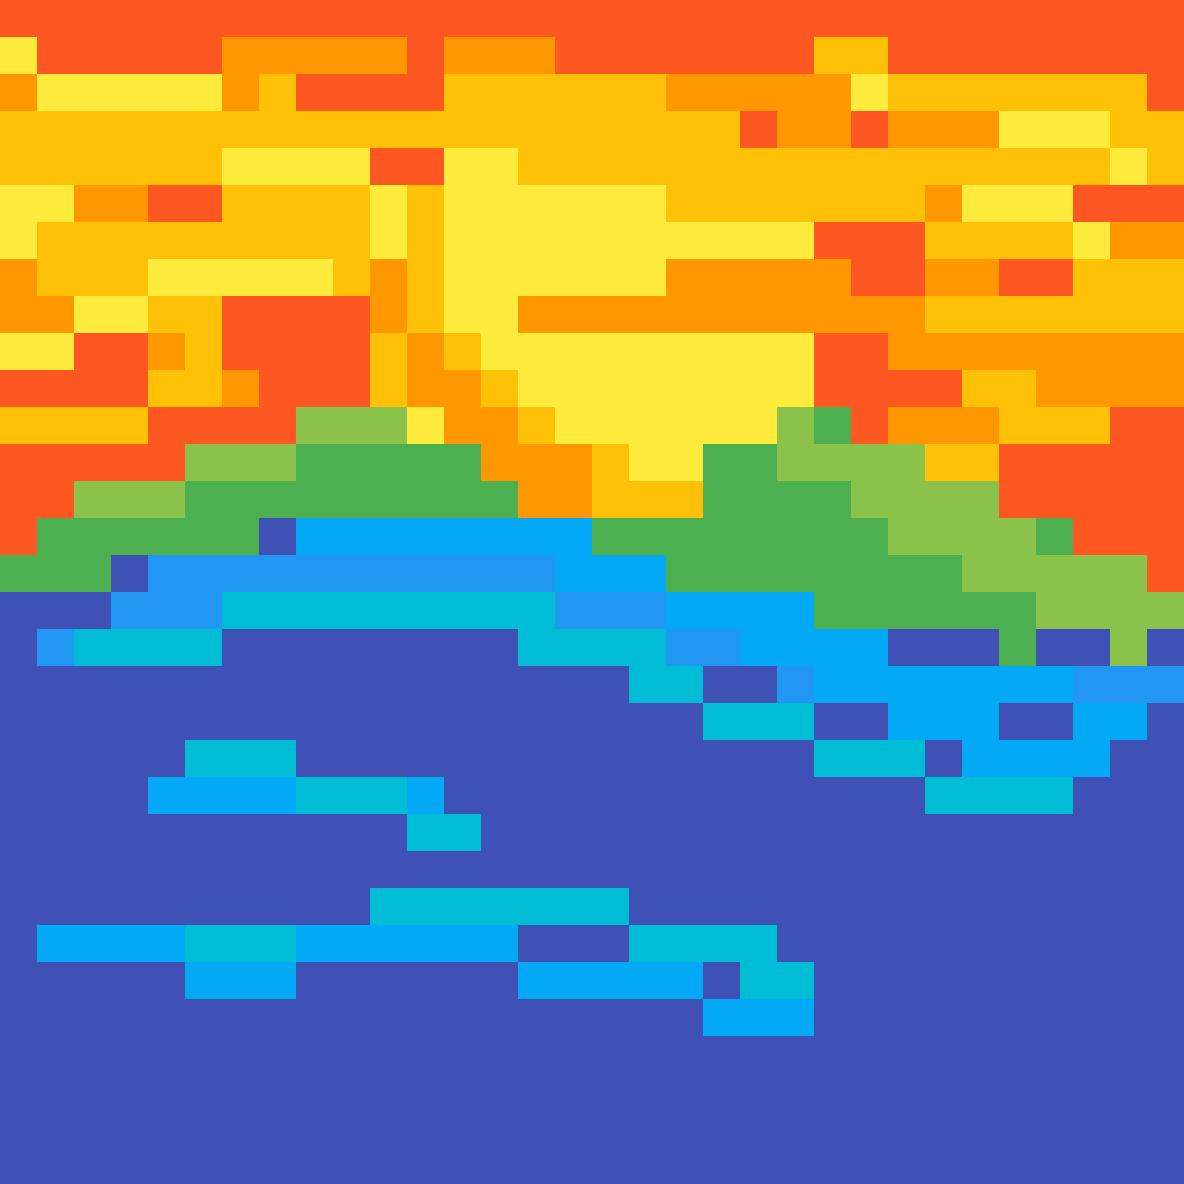 Sunrise by LetsGoMemes